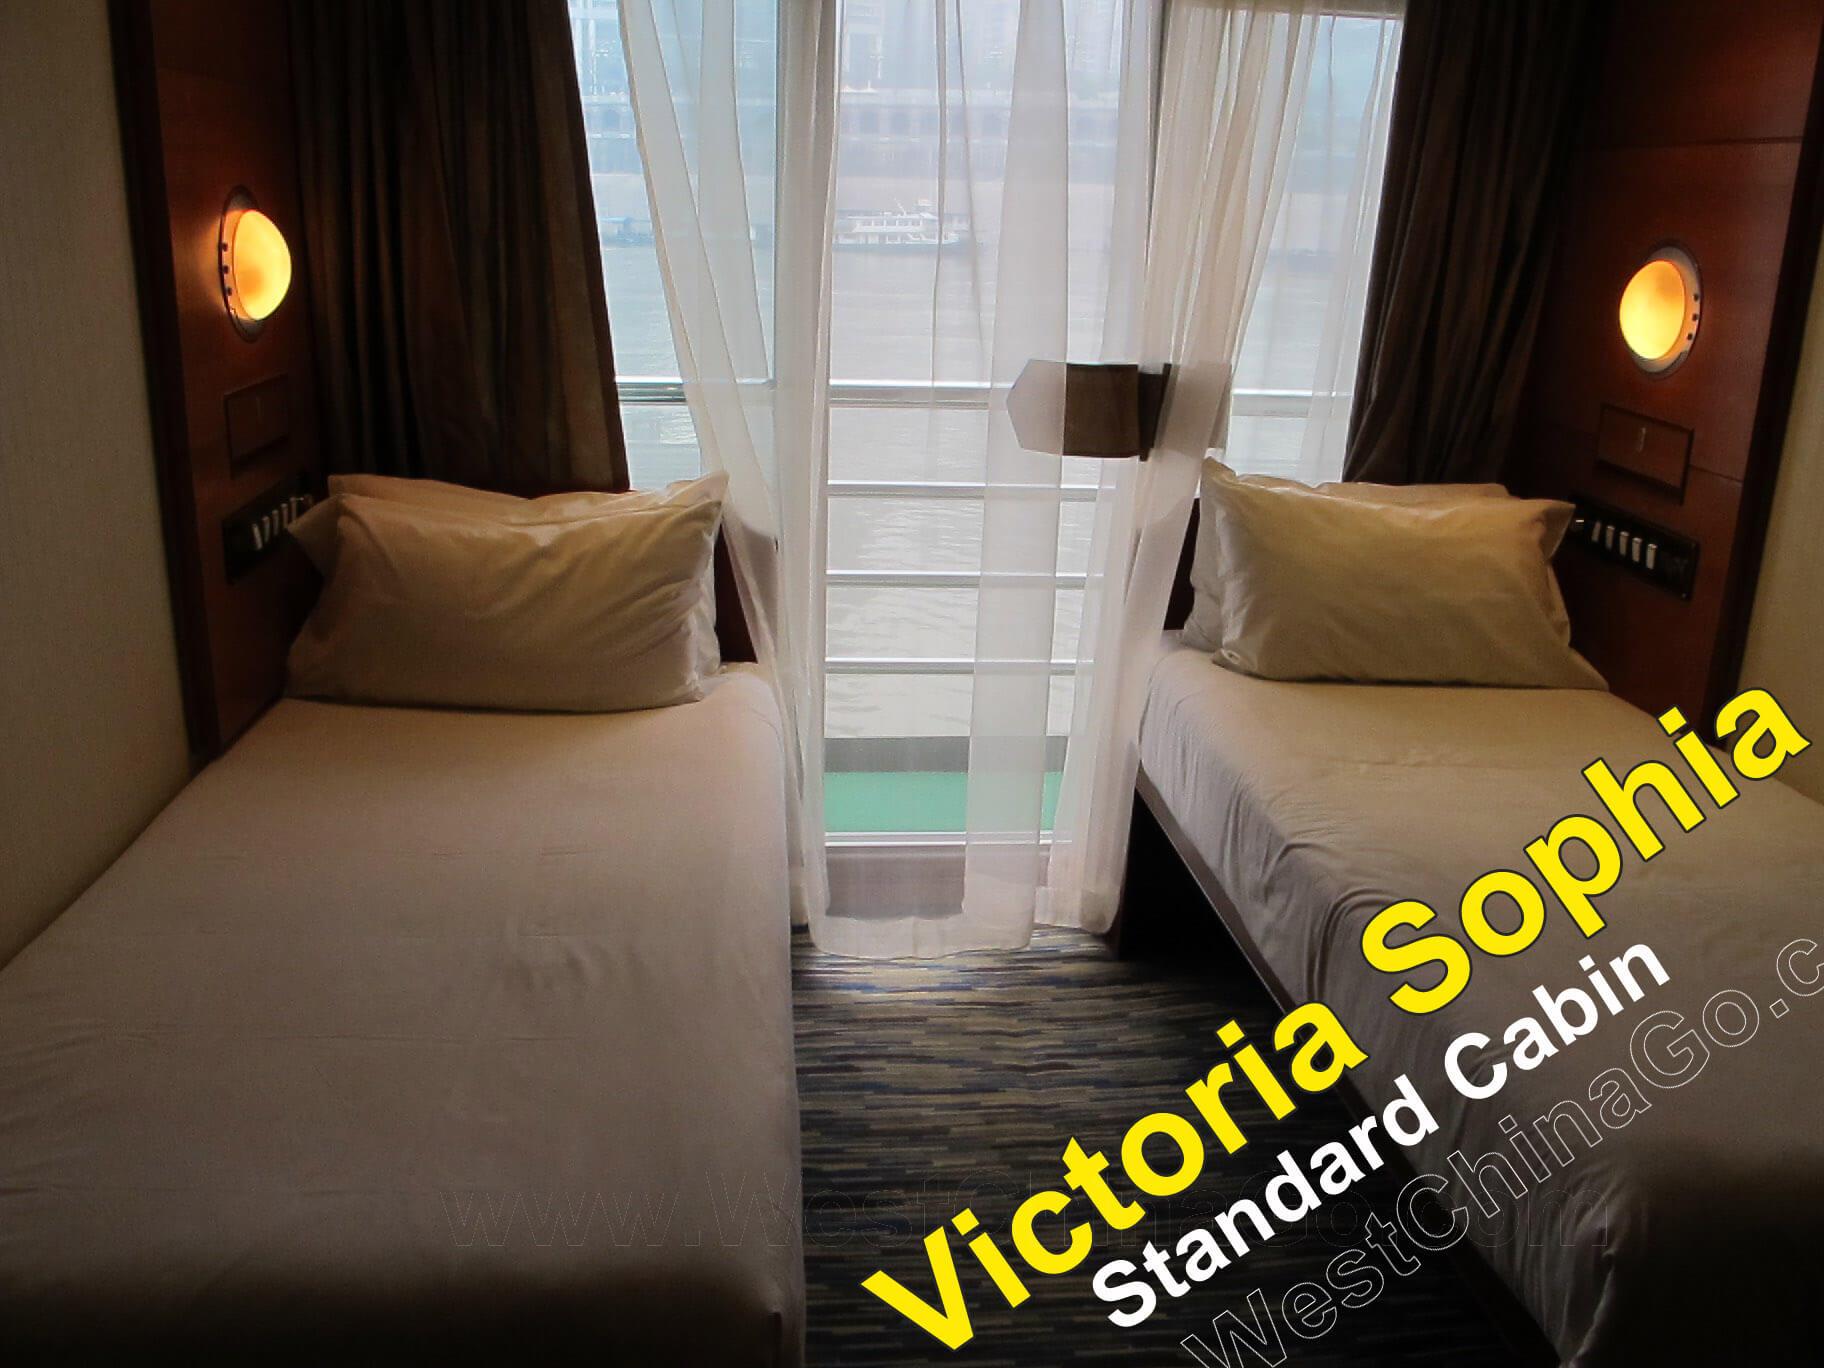 Victoria Sophia standard cabin